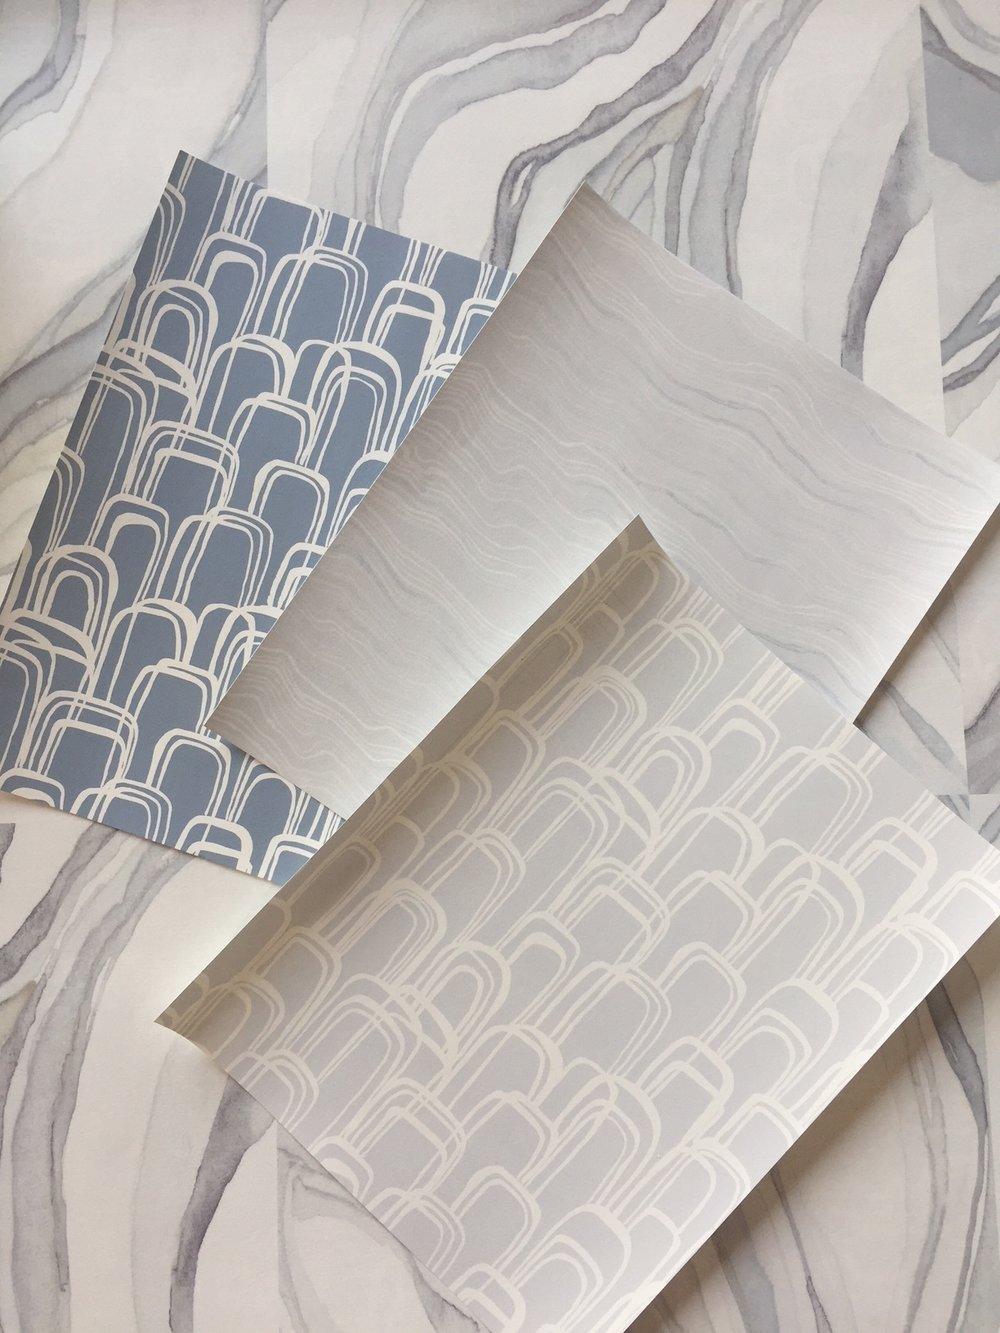 shellrummelwallpaper1.JPG